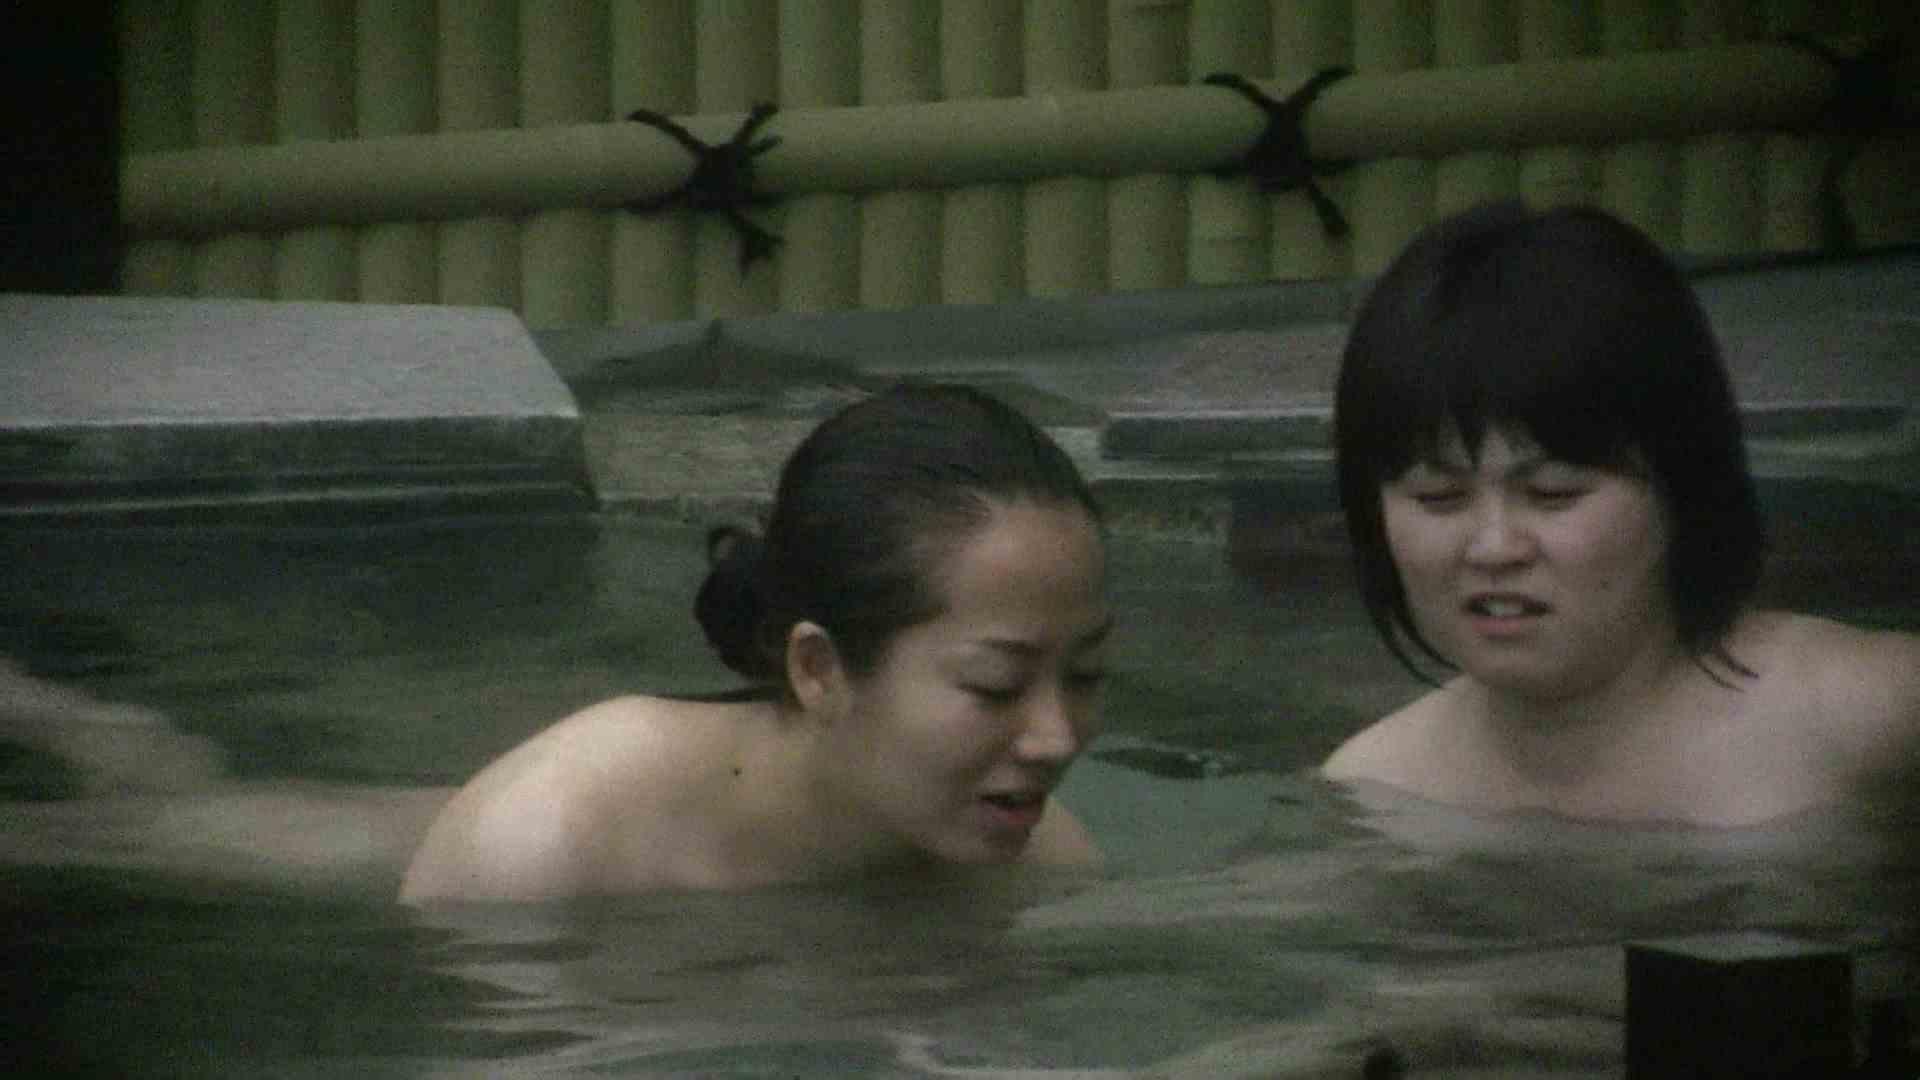 Aquaな露天風呂Vol.539 女体盗撮 隠し撮りおまんこ動画流出 88連発 71